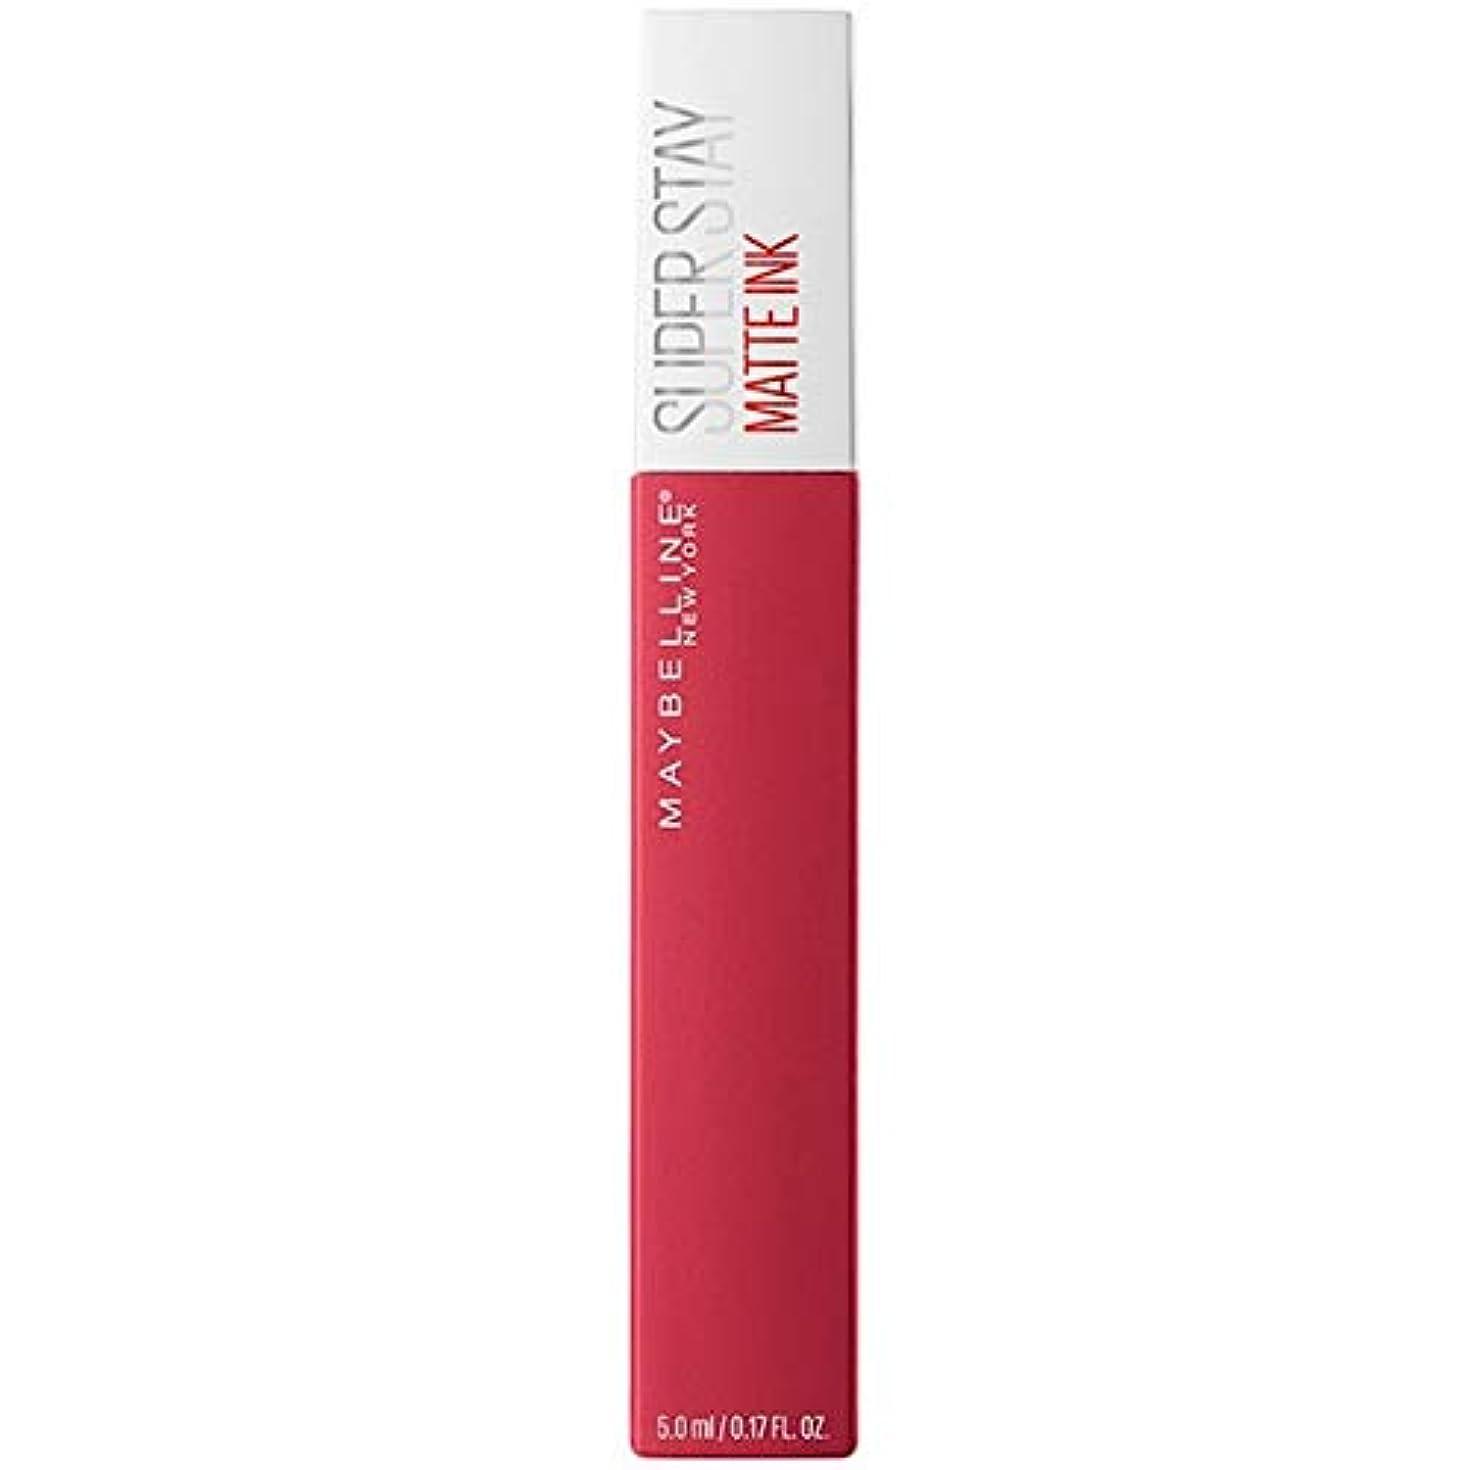 コードレス休憩神話[Maybelline ] メイベリンSuperstayマットインク液口紅80定規5ミリリットル - Maybelline Superstay Matte Ink Liquid Lipstick 80 Ruler 5ml...